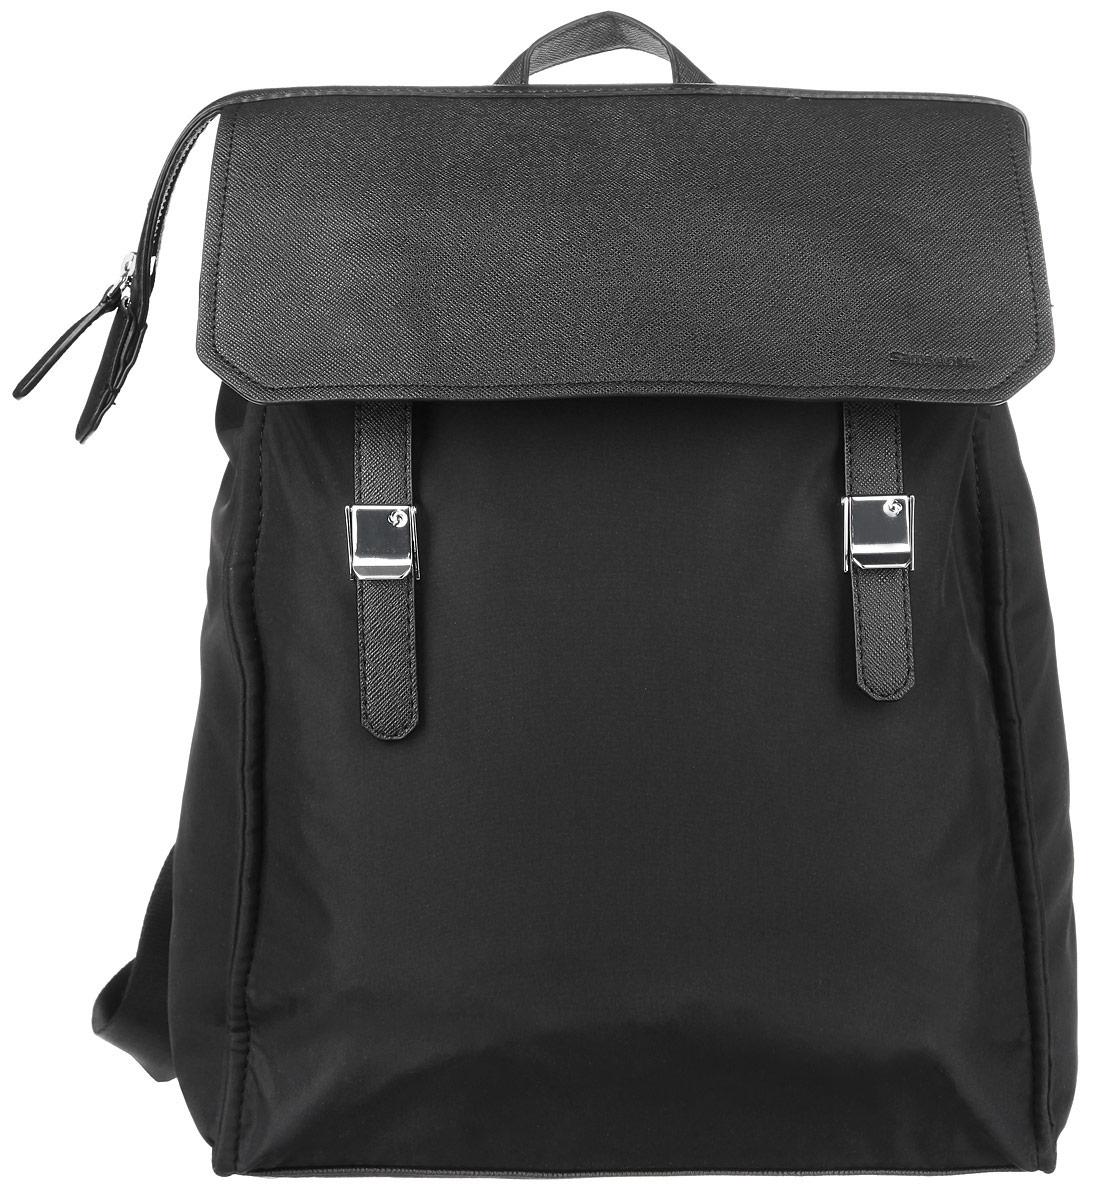 Рюкзак женский Samsonite, цвет: черный. 56D-09003S76245Стильный женский рюкзак Samsonite выполнен из полиэстера и полиуретана, оформлен металлической фурнитурой и символикой бренда.Изделие содержит одно отделение, закрывающееся на застежку-молнию. Внутри рюкзака расположены мягкий карман для небольшого ноутбука и карман для планшета, которые закрываются эластичным хлястиком на застежку-липучку, а также карман с сетчатой вставкой на застежке-молнии. На лицевой стороне изделия расположен вместительный накладной карман, который закрывается клапаном с двумя хлястиками на зажимы. Внутри кармана расположены два накладных кармашка для мелочей. Задняя сторона изделия дополнена врезным карманом на застежке-молнии. Изделие оснащено двумя широкими плечевыми лямками регулируемой длины и петлей для подвешивания. Дно рюкзака дополнено металлическими ножками.Практичный аксессуар позволит вам завершить образ и быть неотразимой.